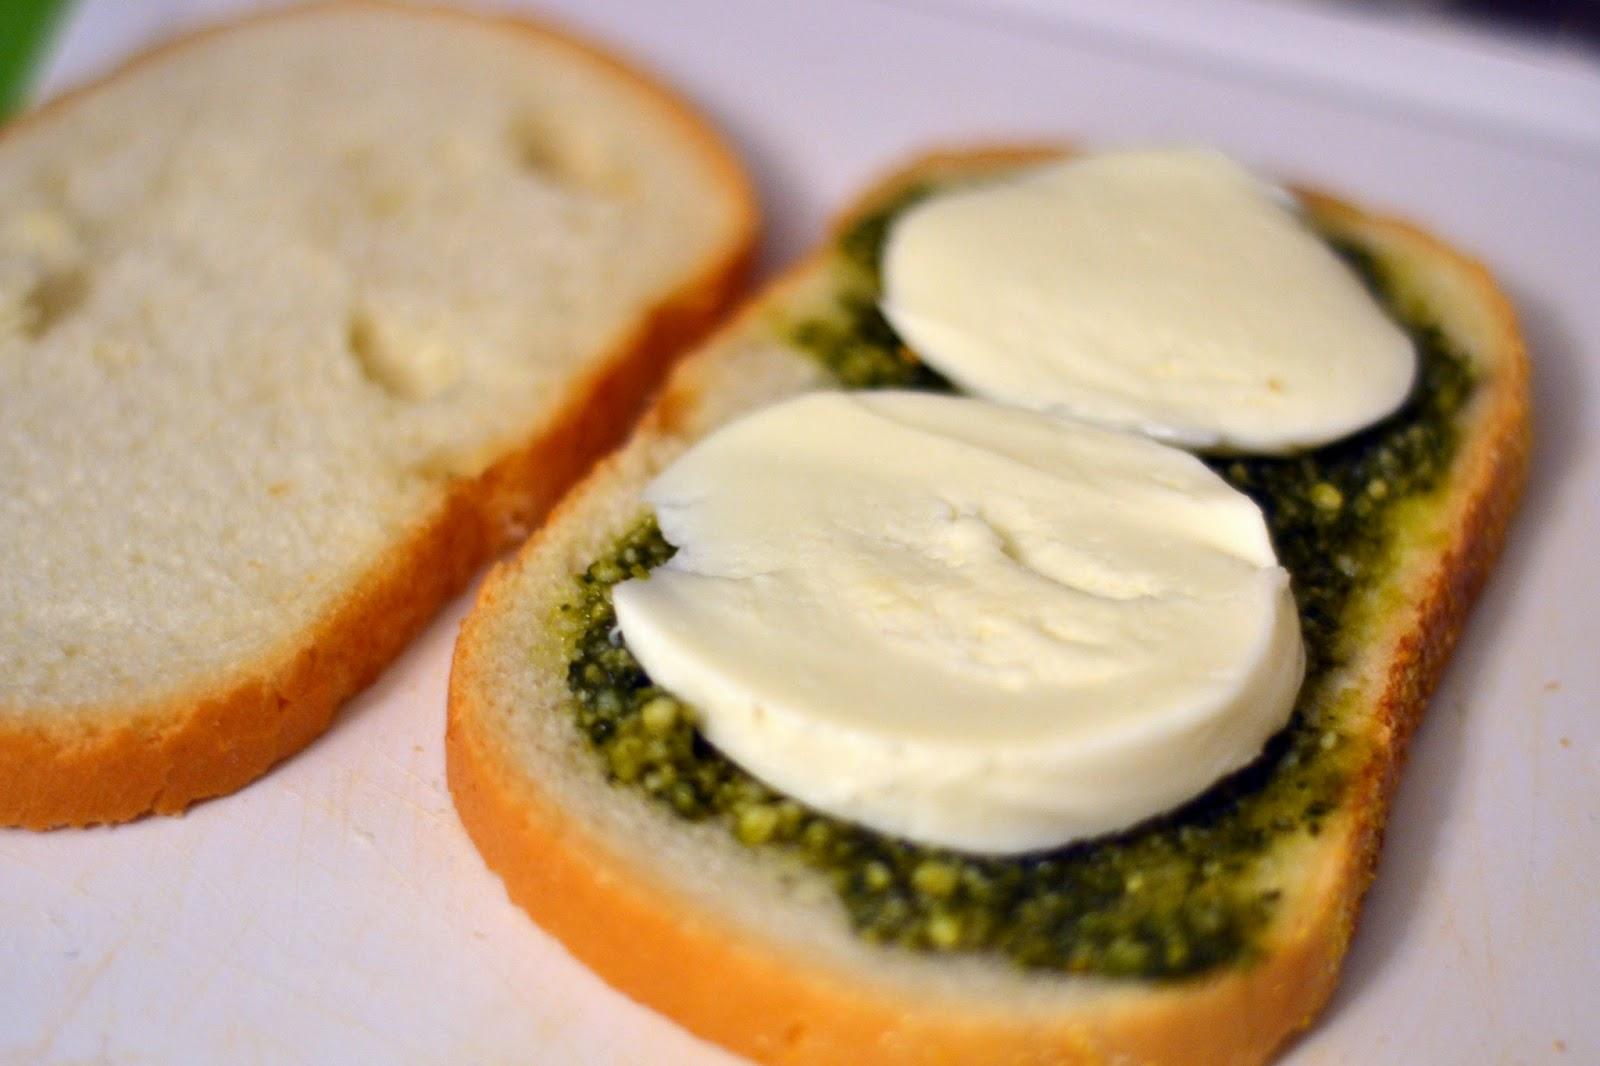 Tomato Mozzarella and Pesto Sandwich